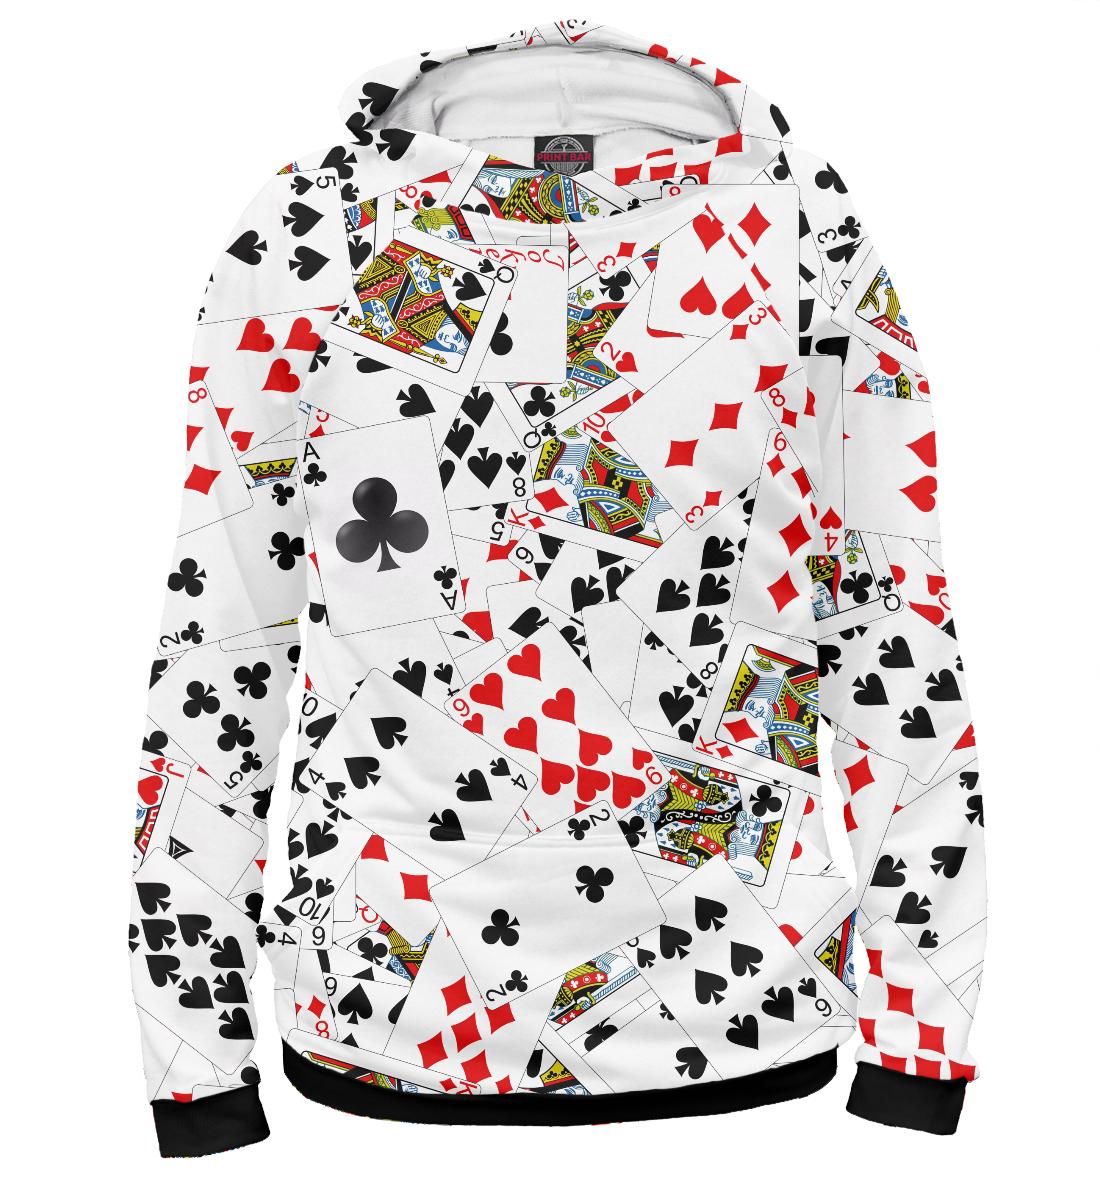 Купить Игральные карты, Printbar, Худи, NOV-320879-hud-1